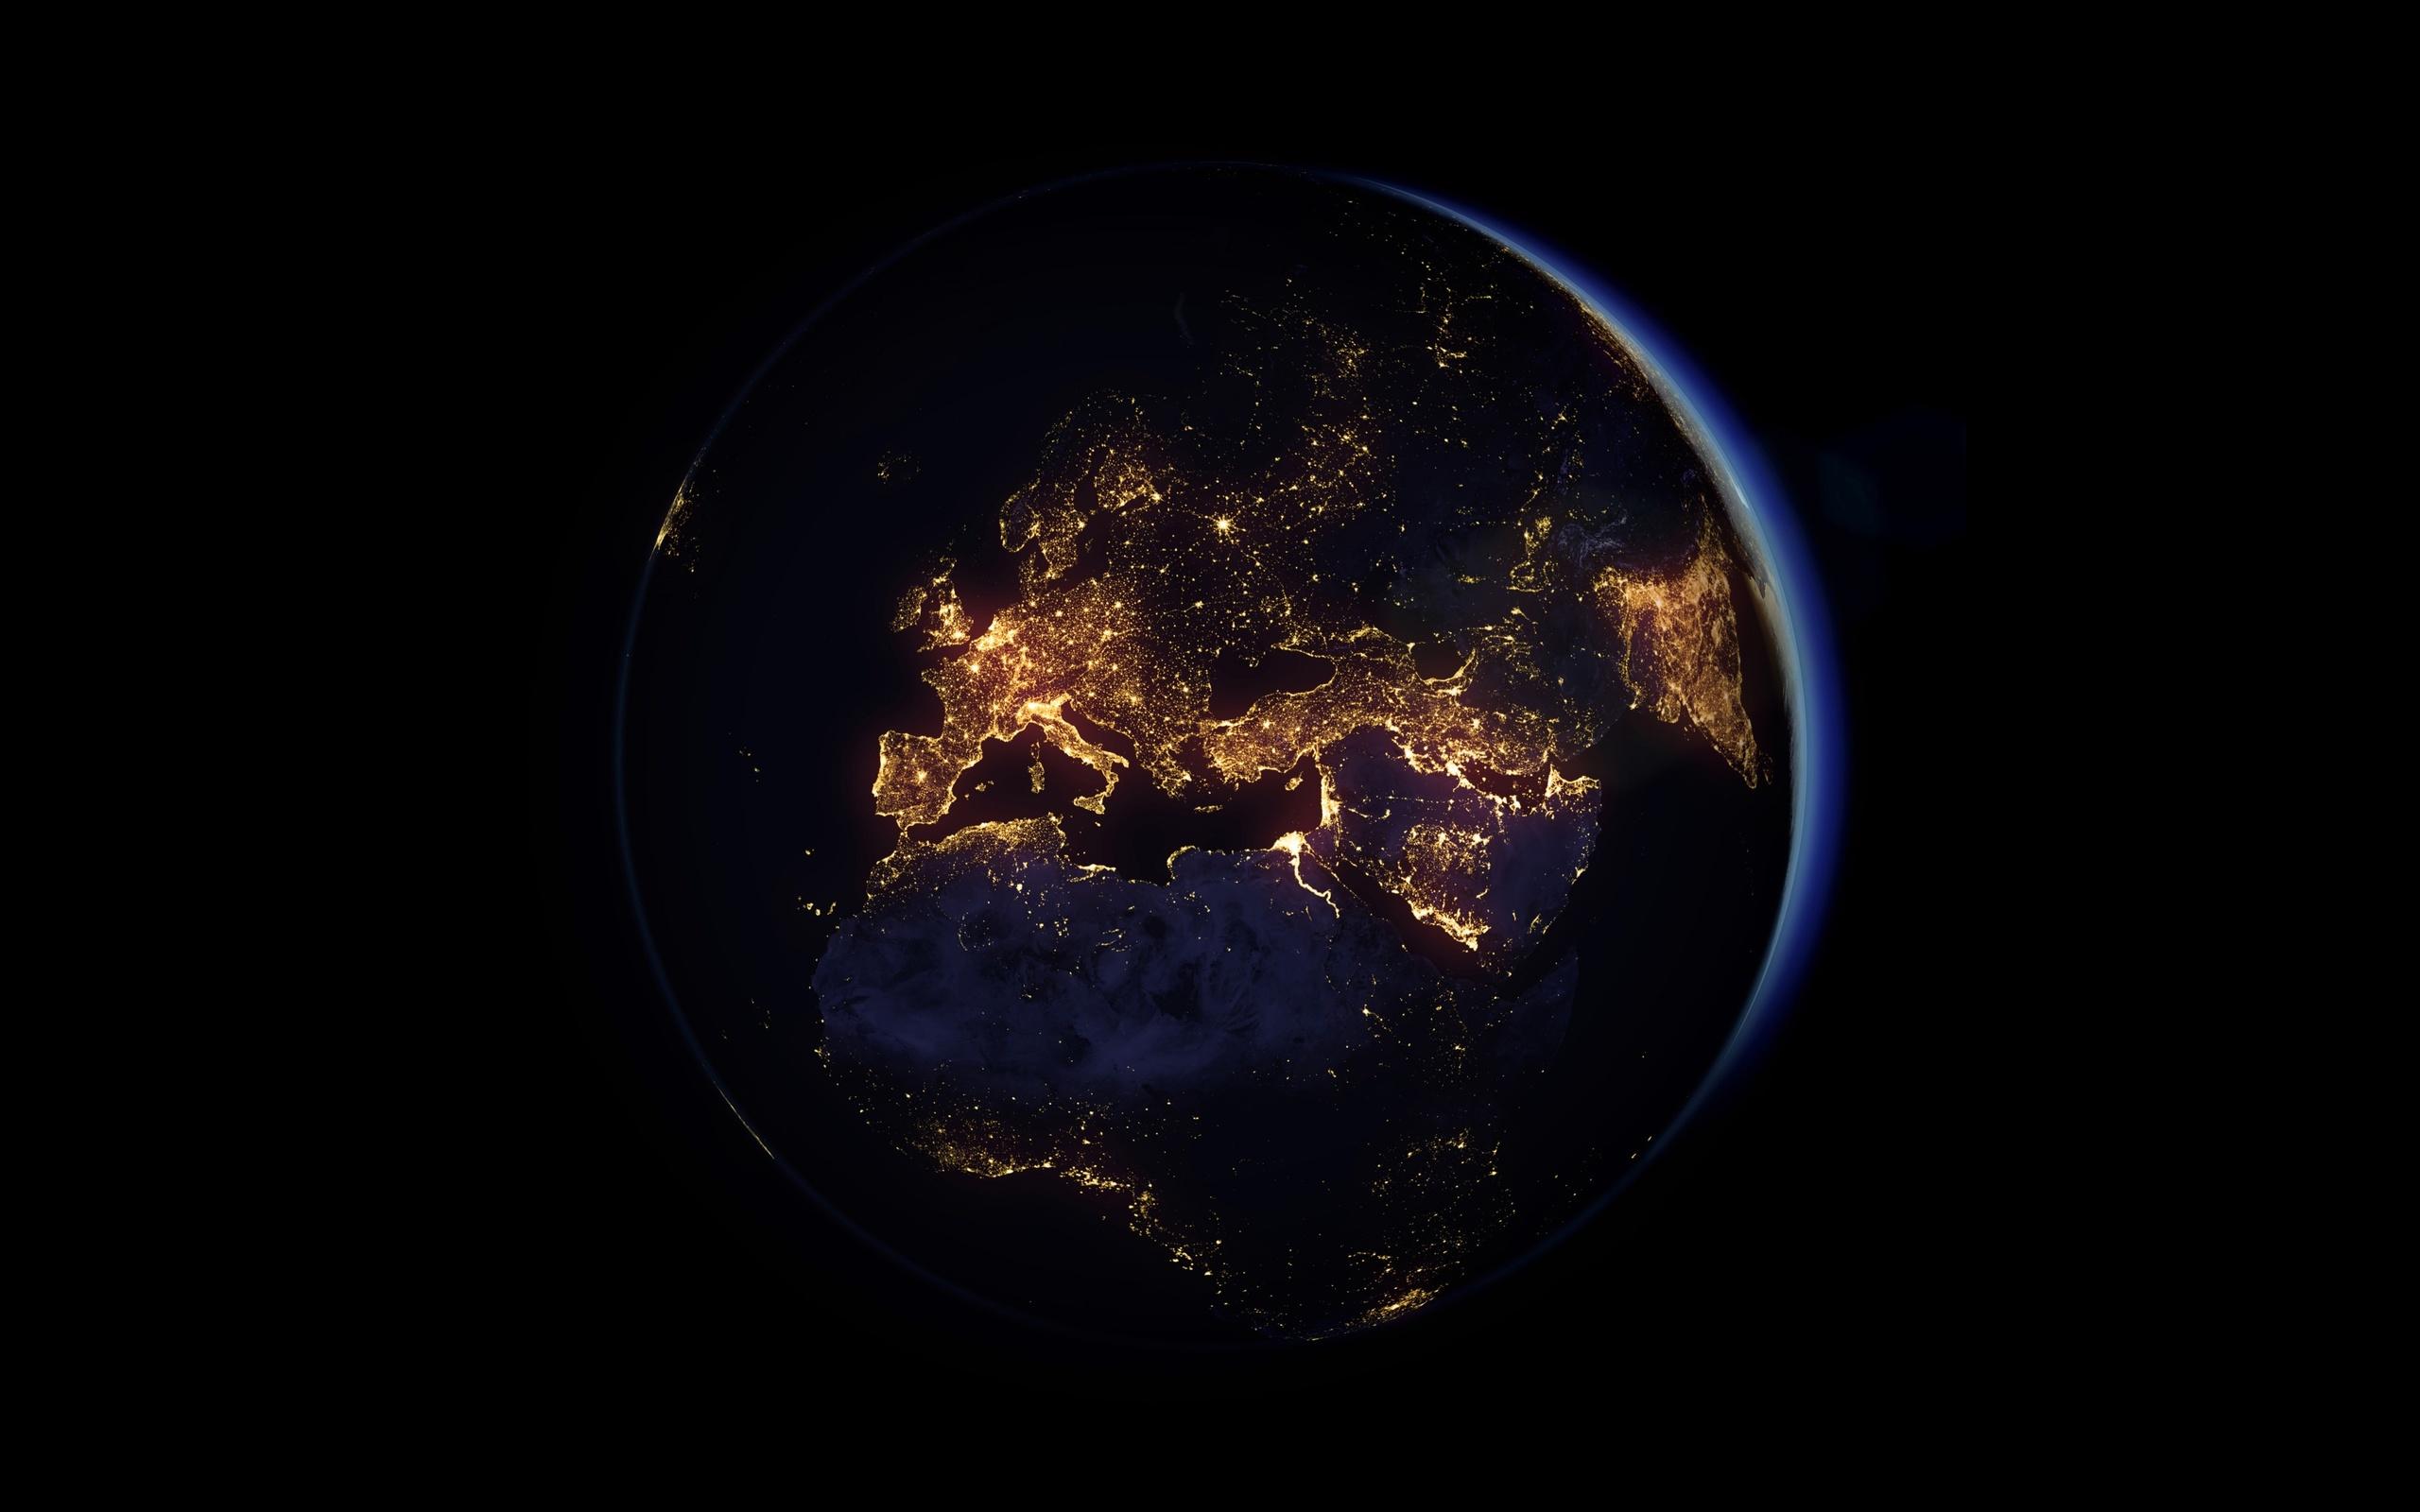 земля, ночные огни, северная европа